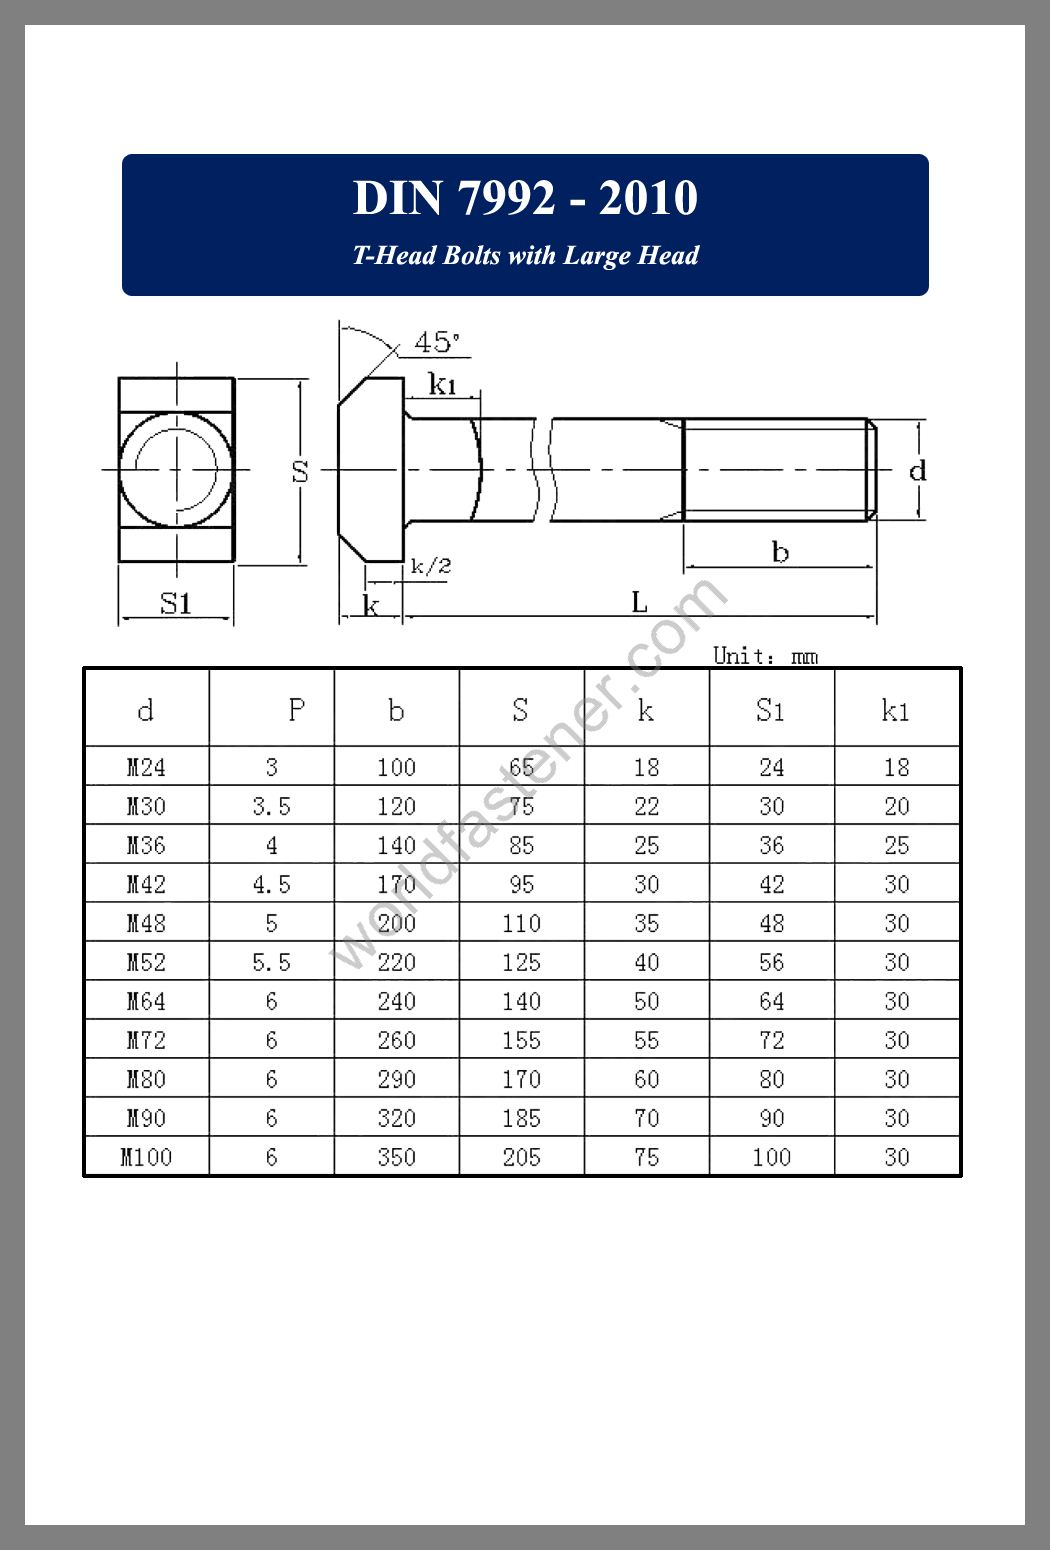 DIN 7992, DIN 7992 T-Head Bolts, fastener, screw, bolt